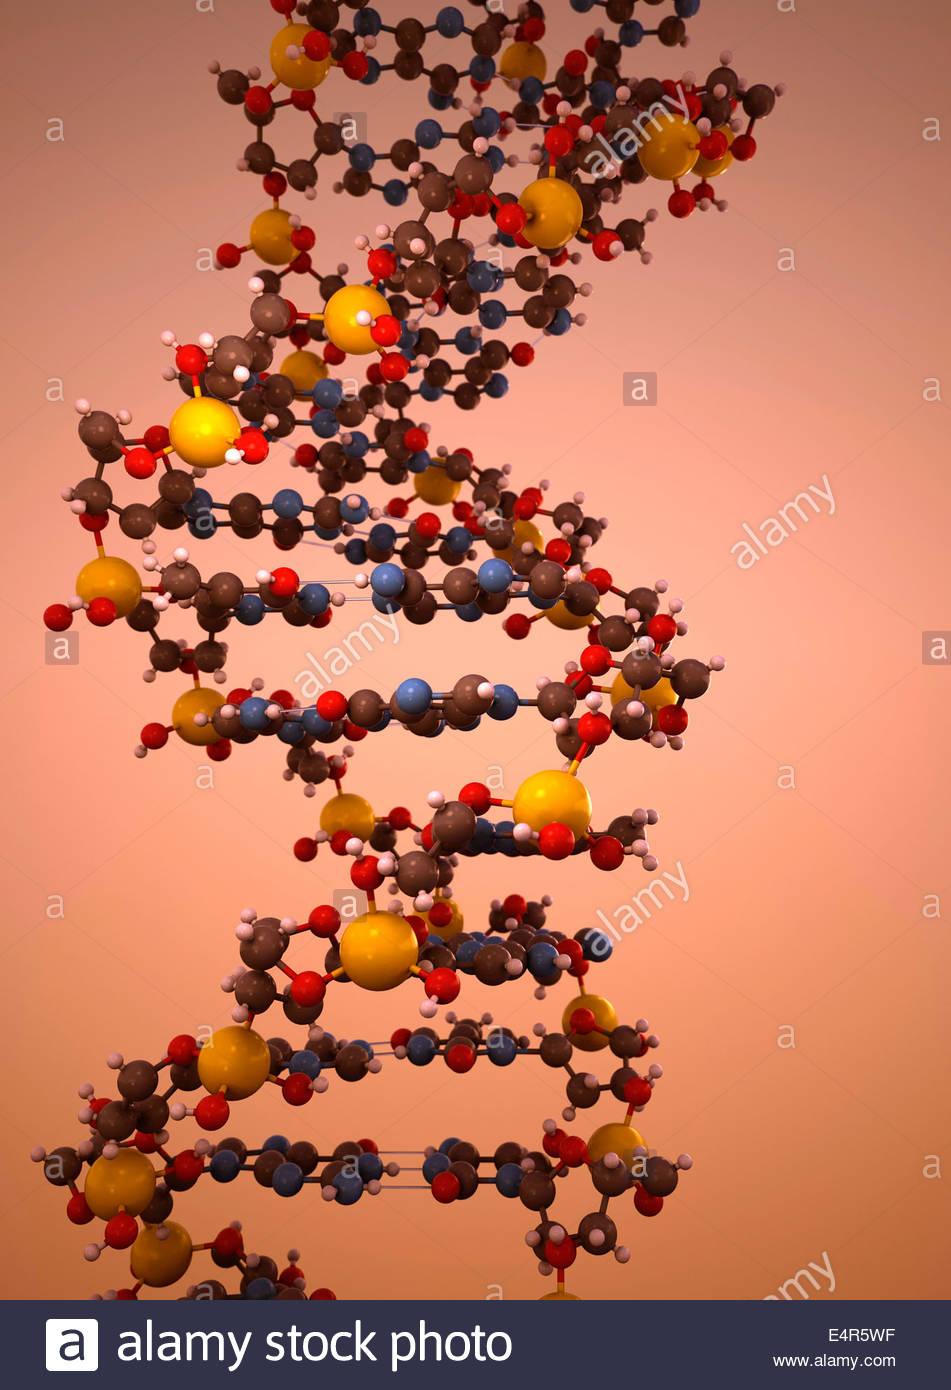 DNA double helix model - Stock Image